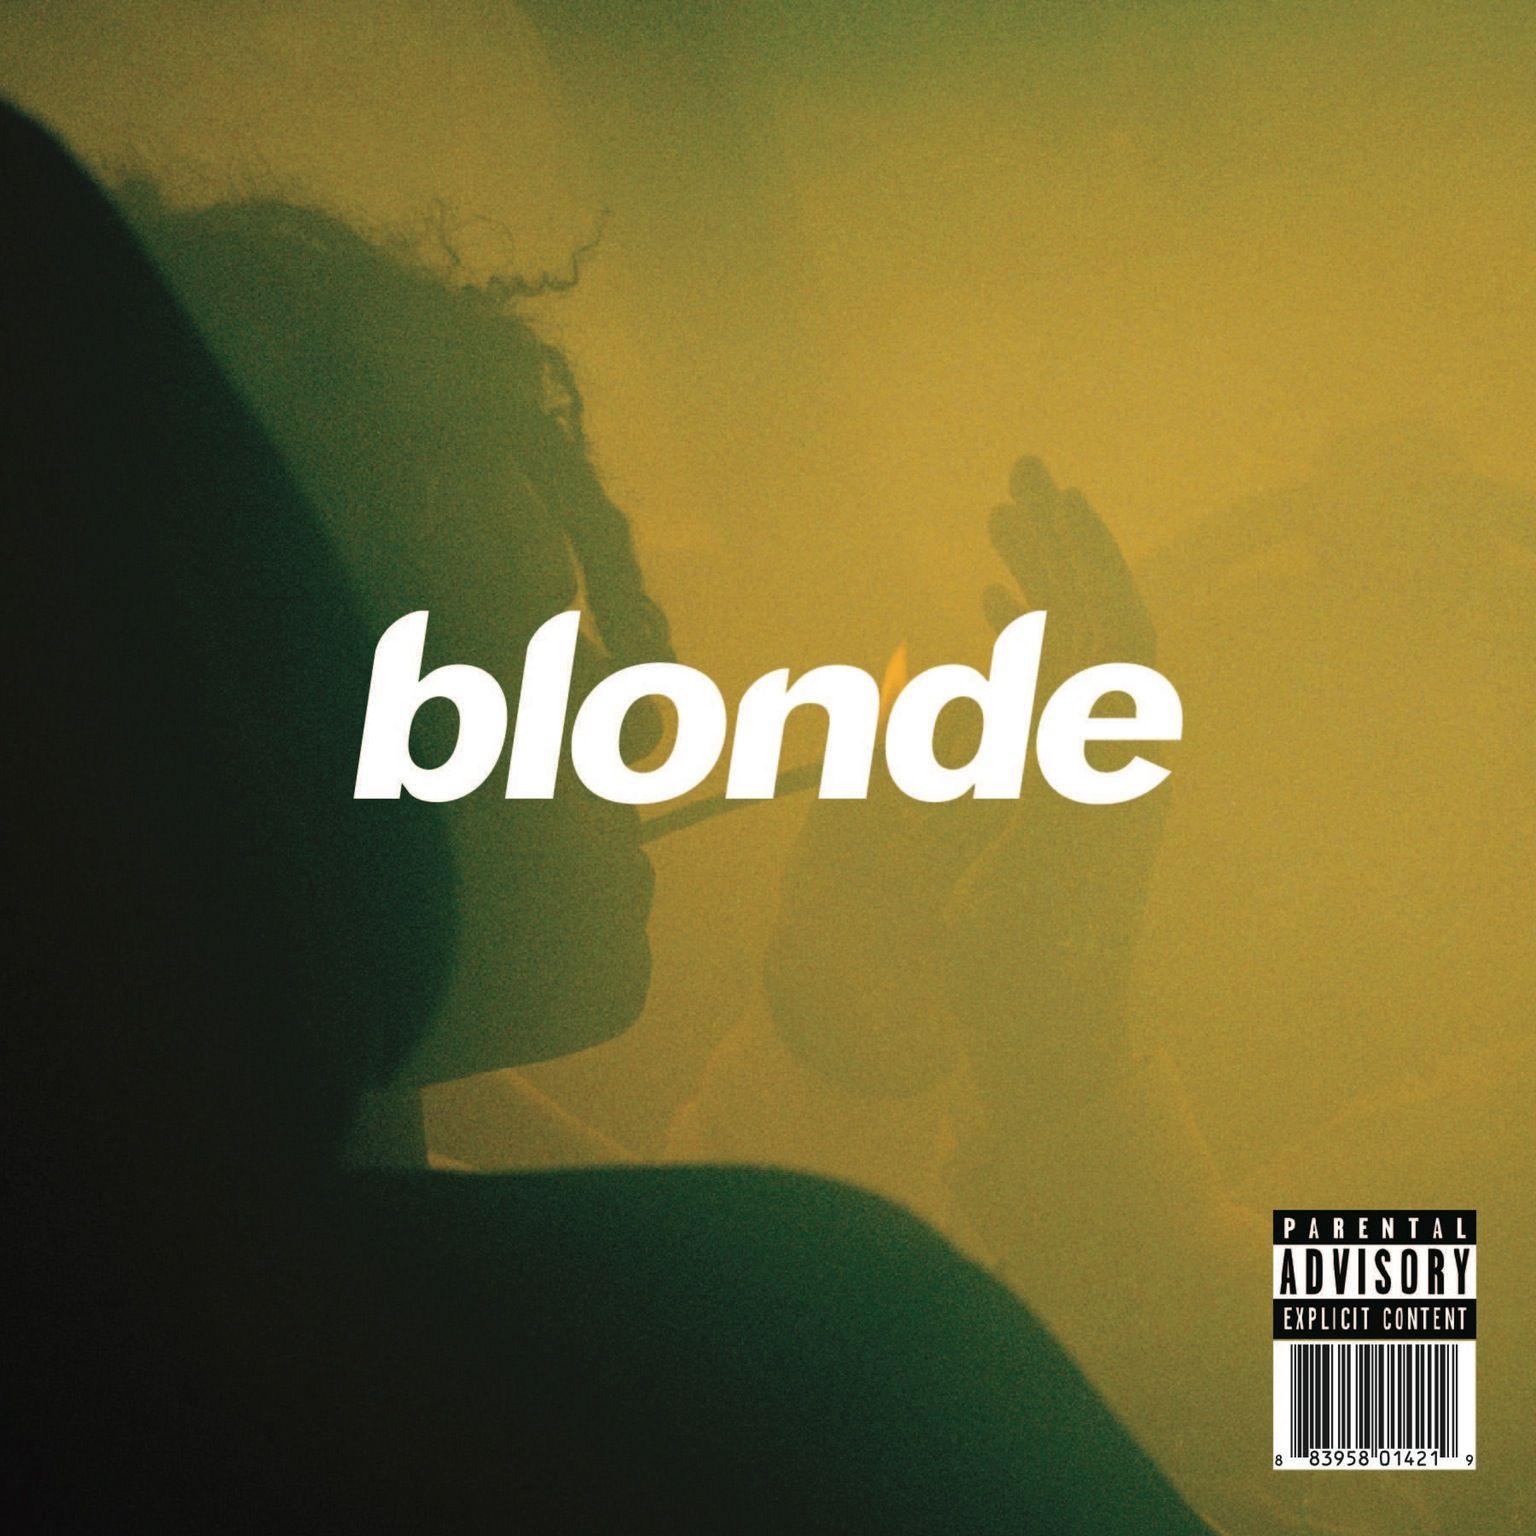 frank ocean blonde free album download zip